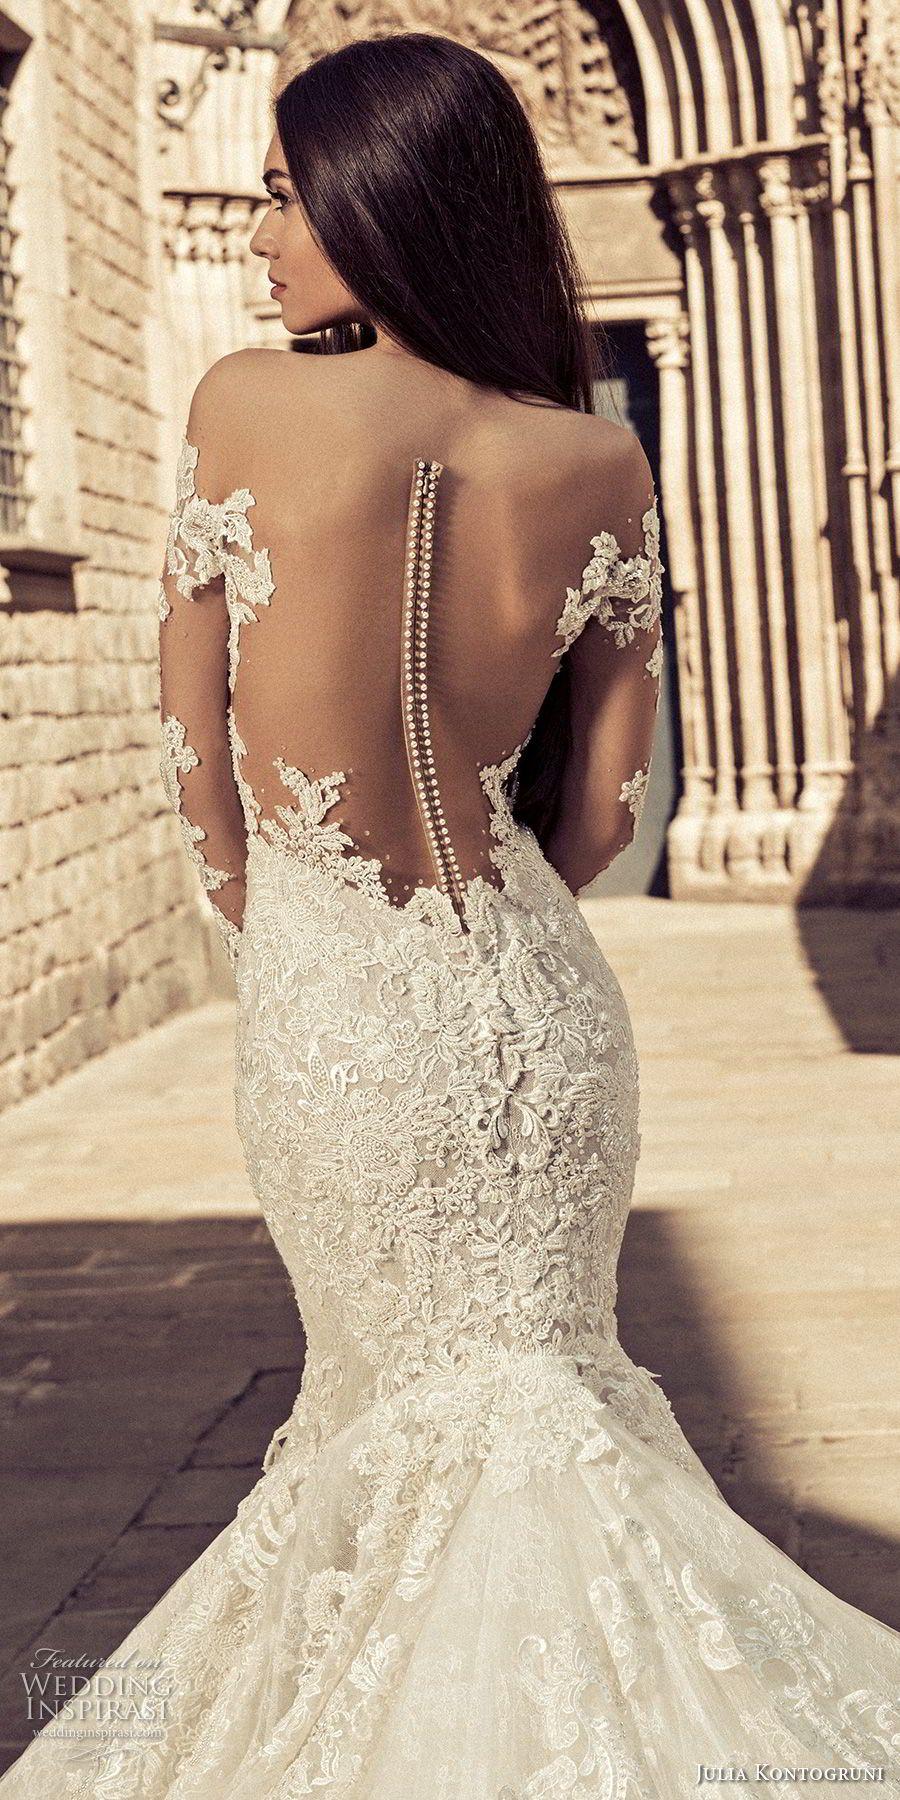 Julia kontogruni wedding dresses mermaid wedding dresses